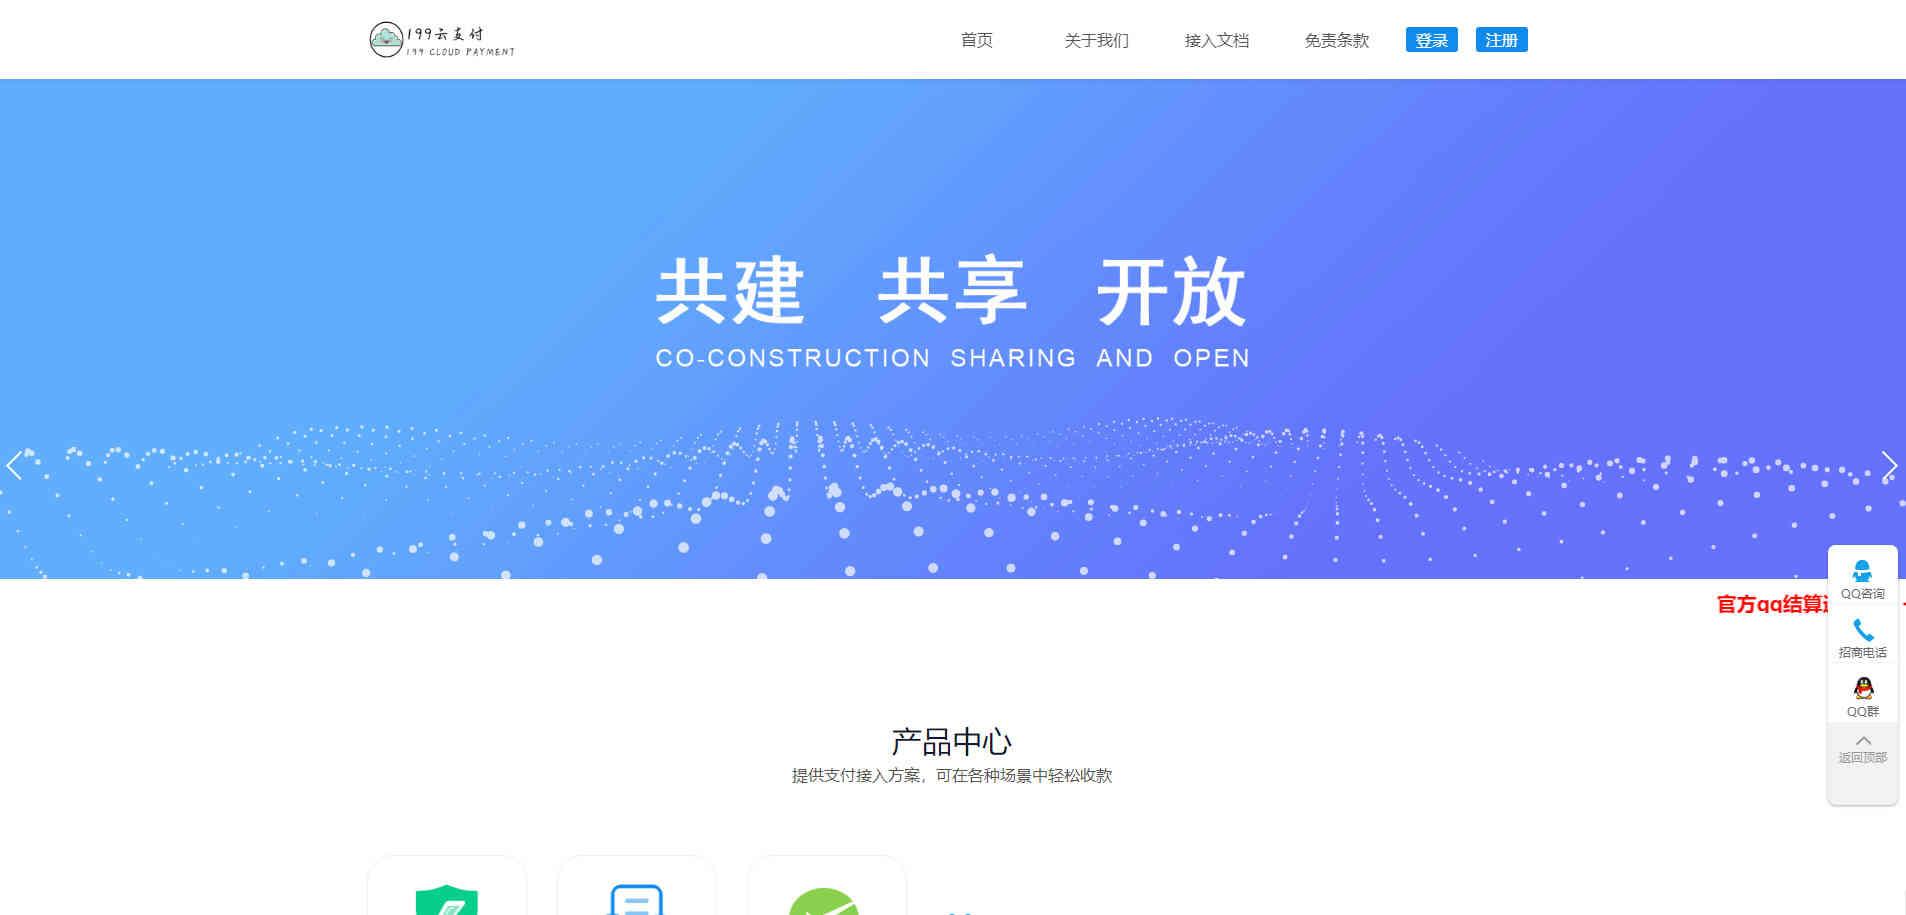 【免签支付】捷兔云PAY新版本开源系统版三方第四方免签支付款网站源码插图